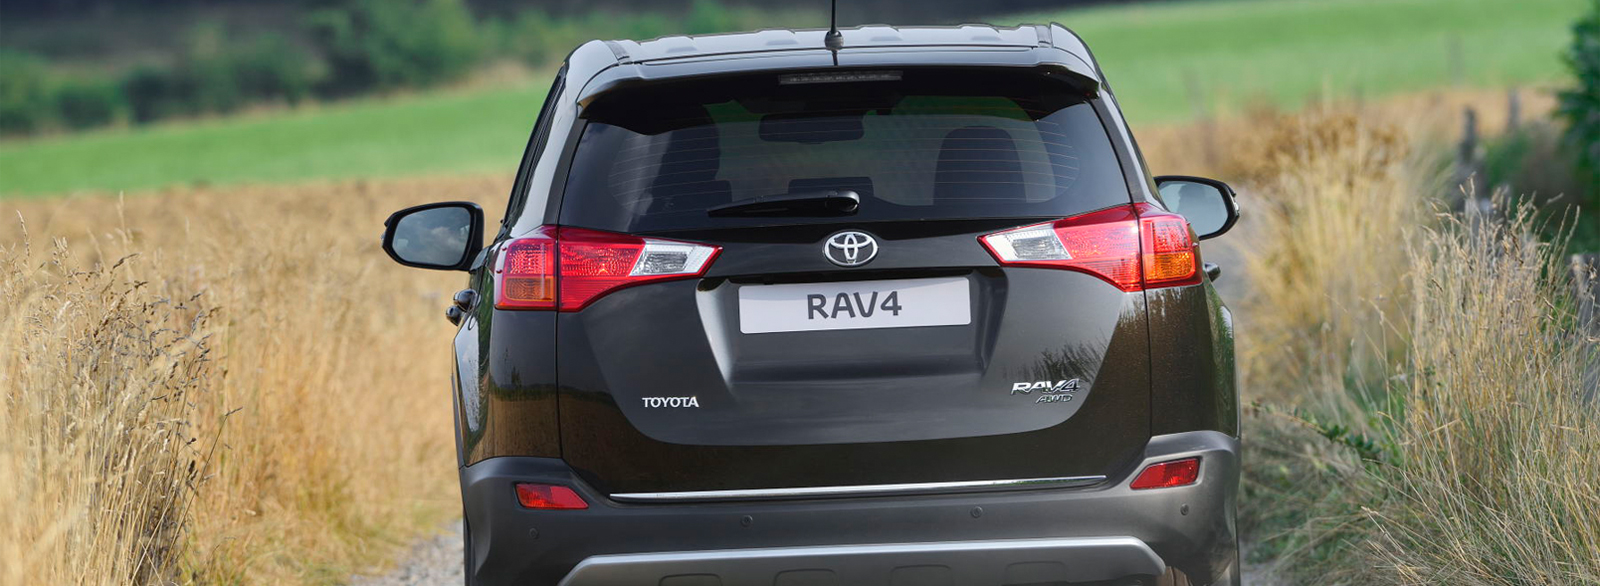 rav4-exterior-img8